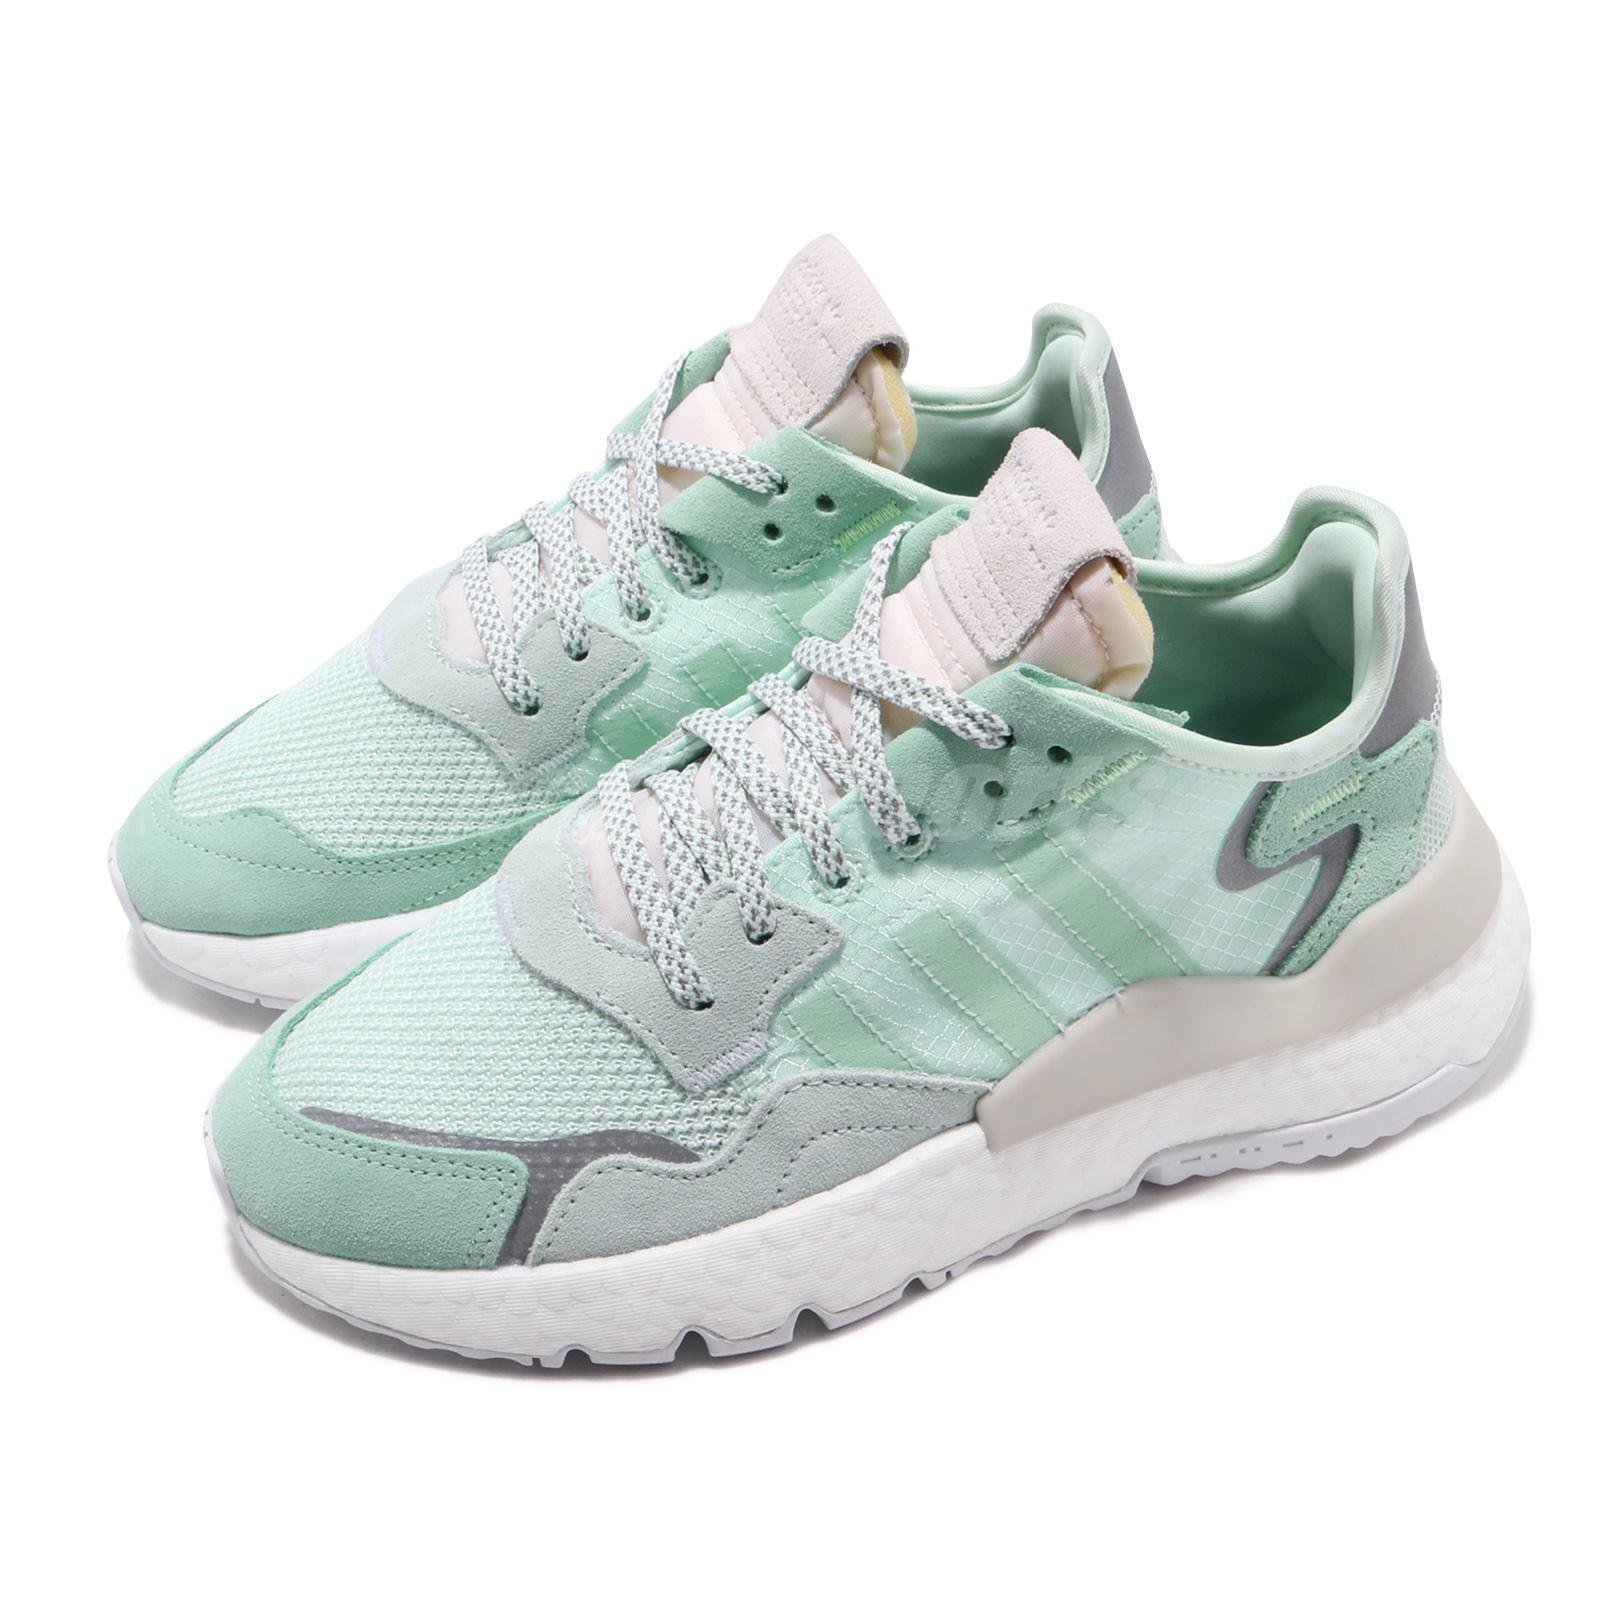 Adidas Originals Nite Jogger W Boost Ice Mint grigio  donna Running scarpe F33837  ti aspetto